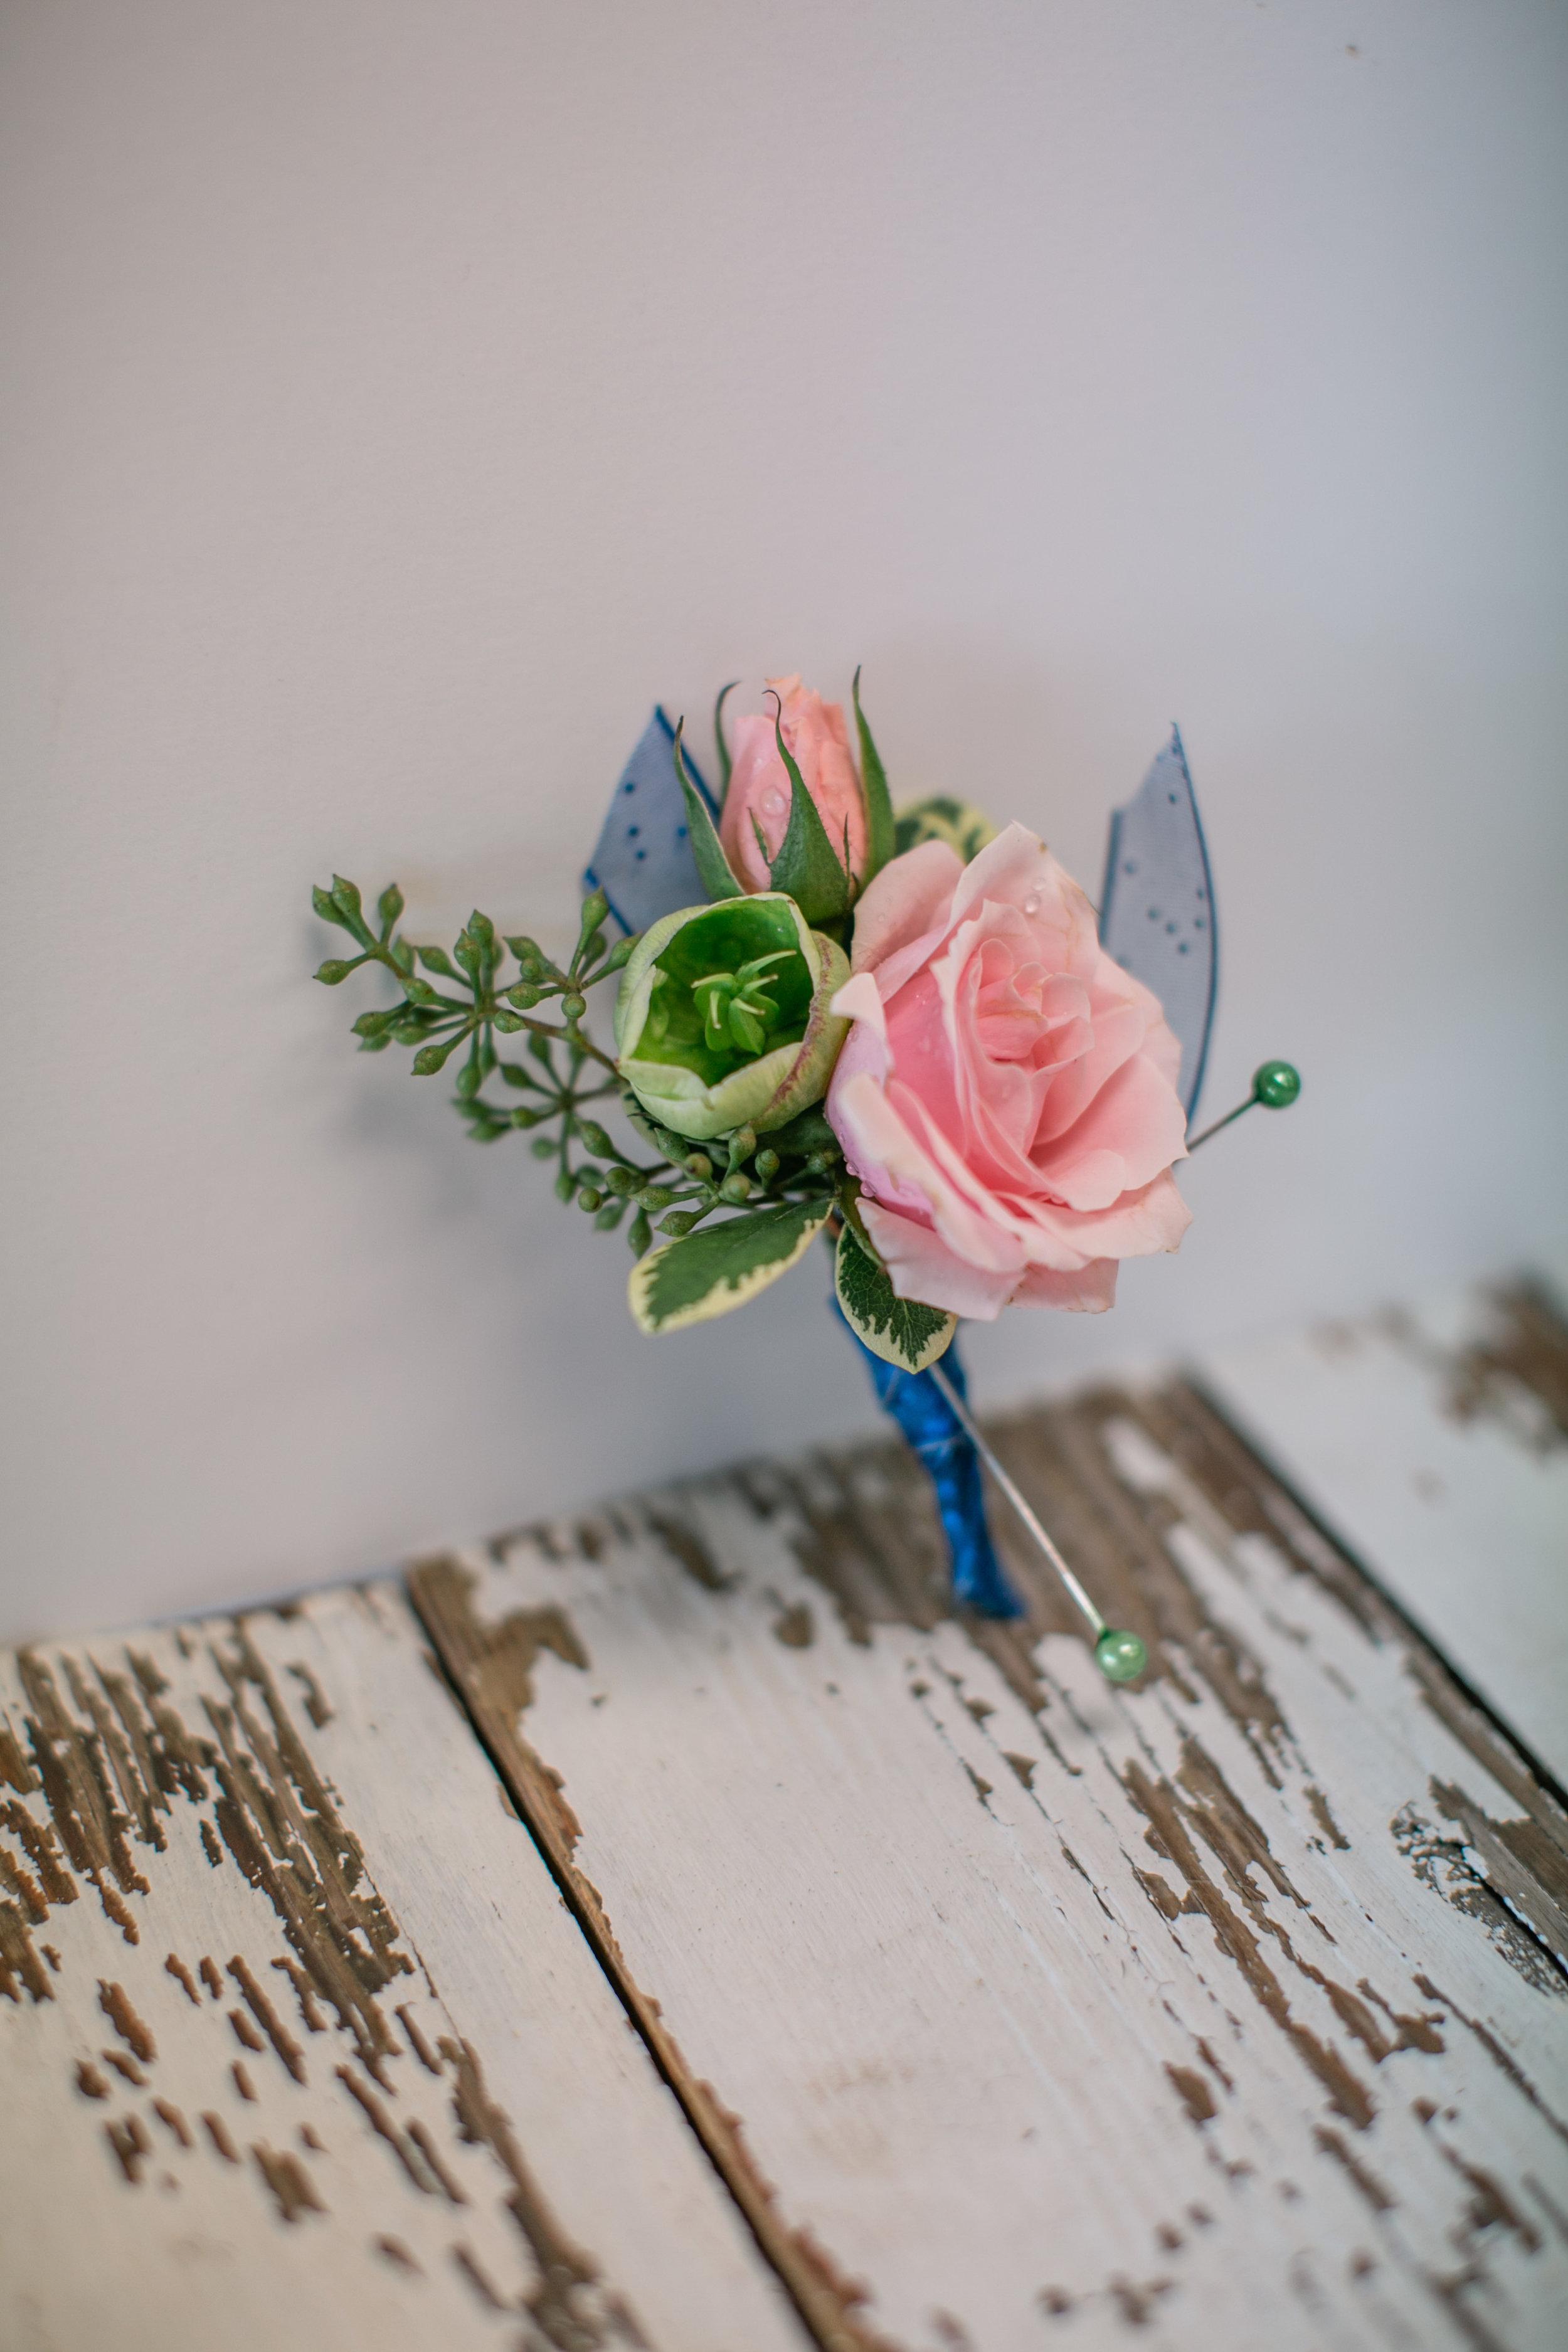 des moines prom flowers corsage boutonnière